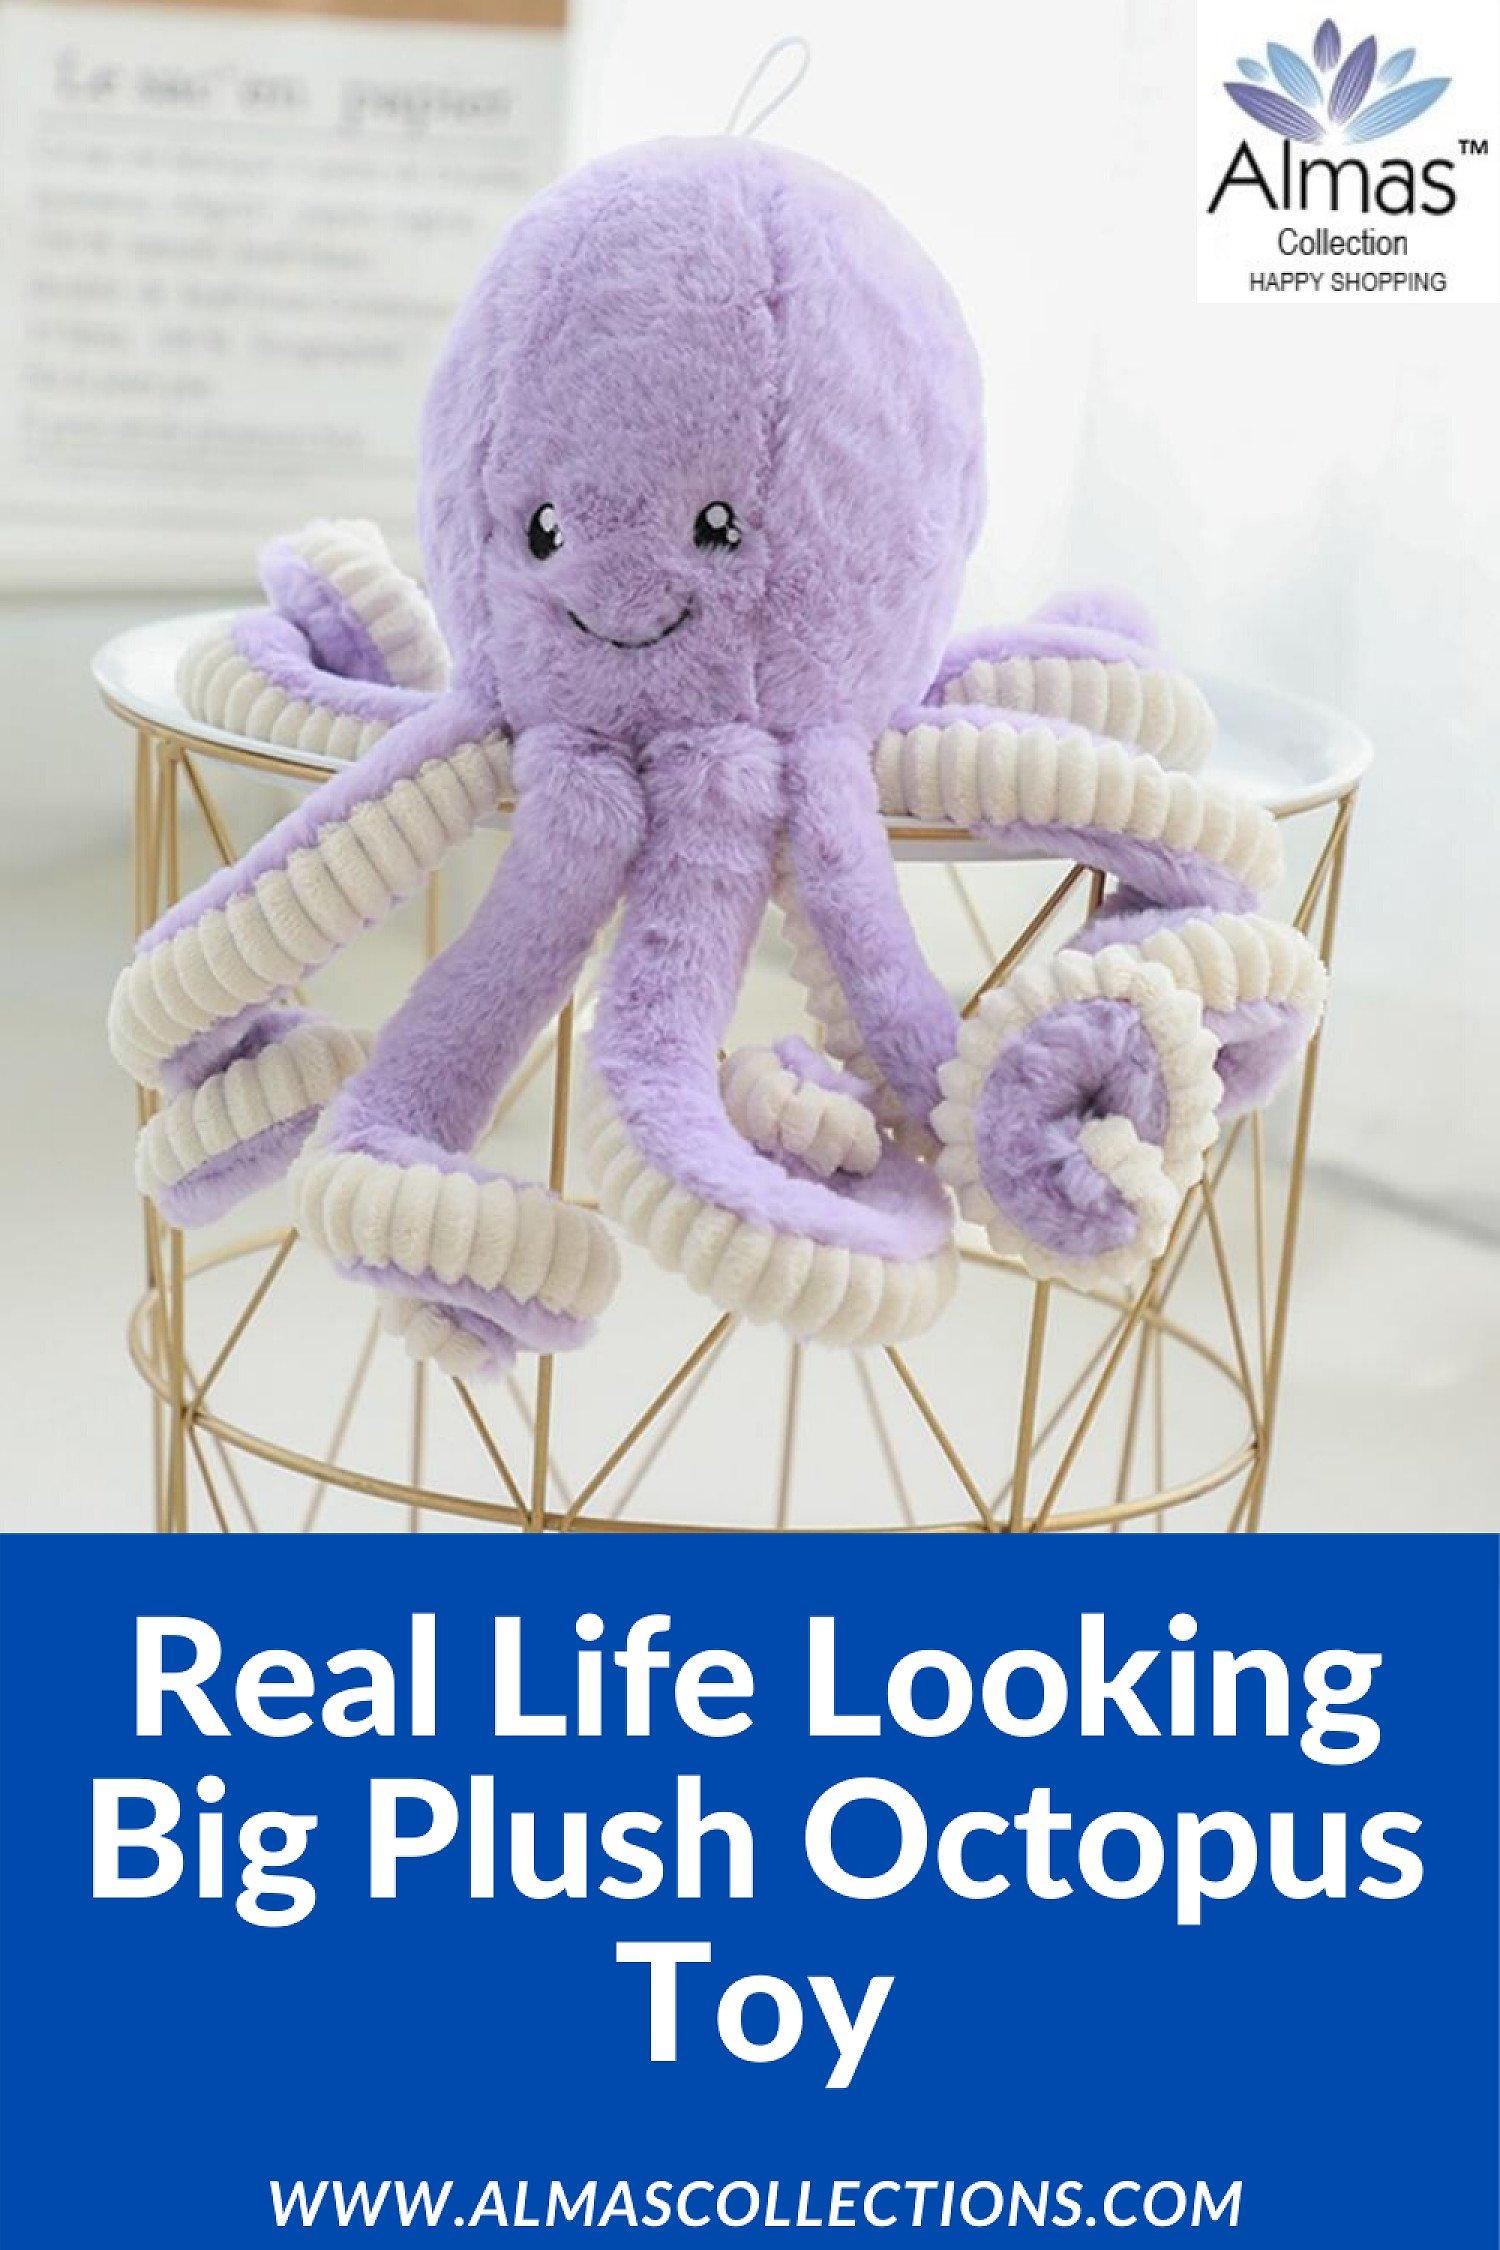 Big Super Plush Cute Octopus Toy